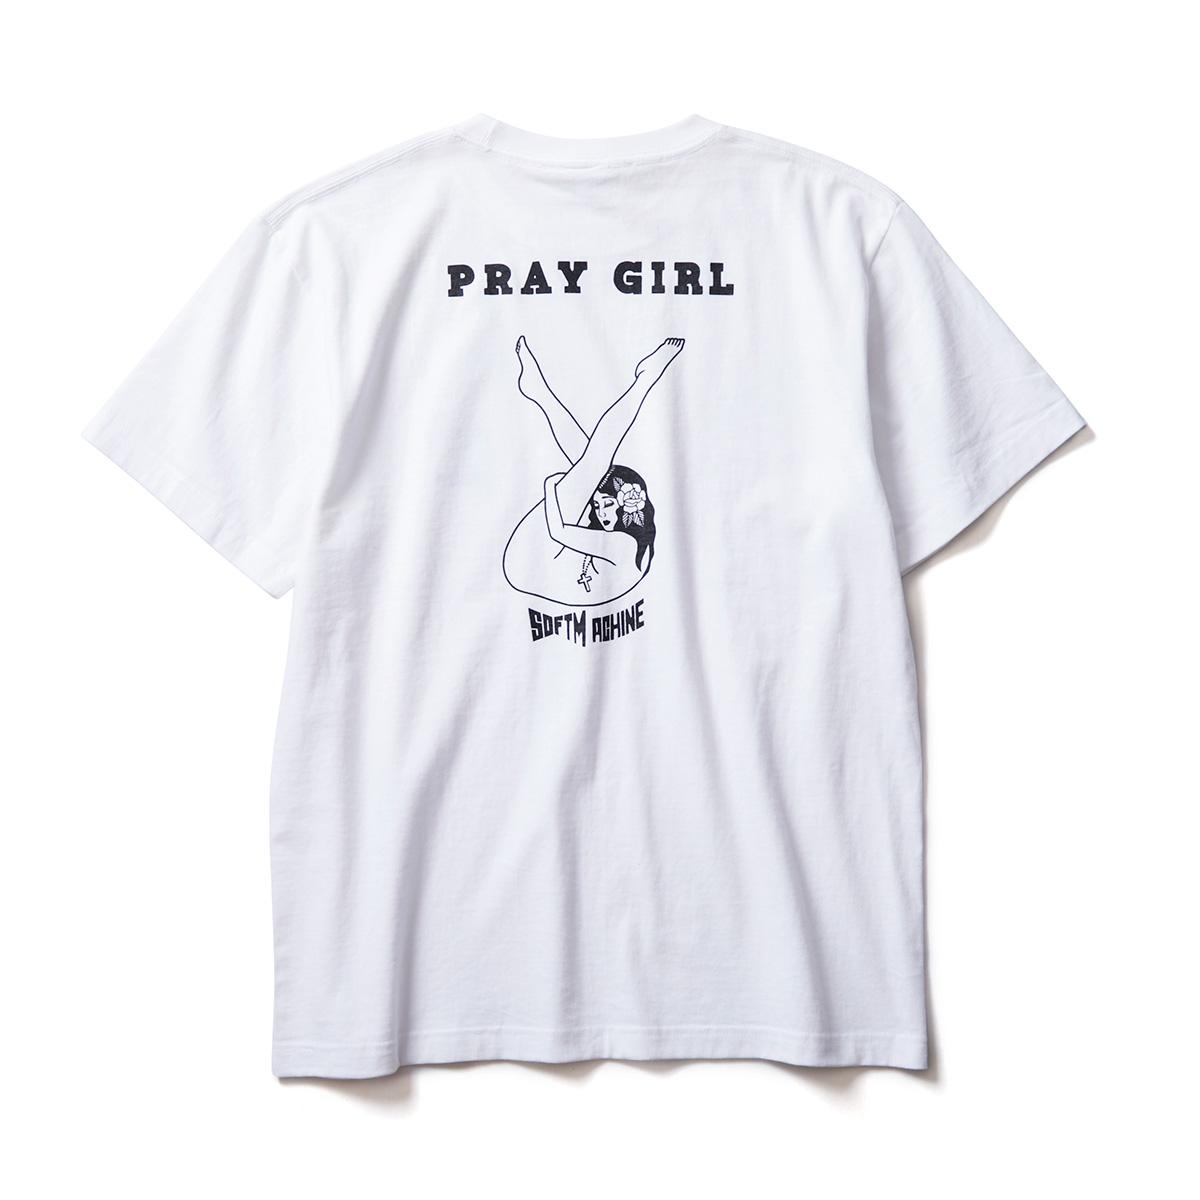 PRAY GIRL-T